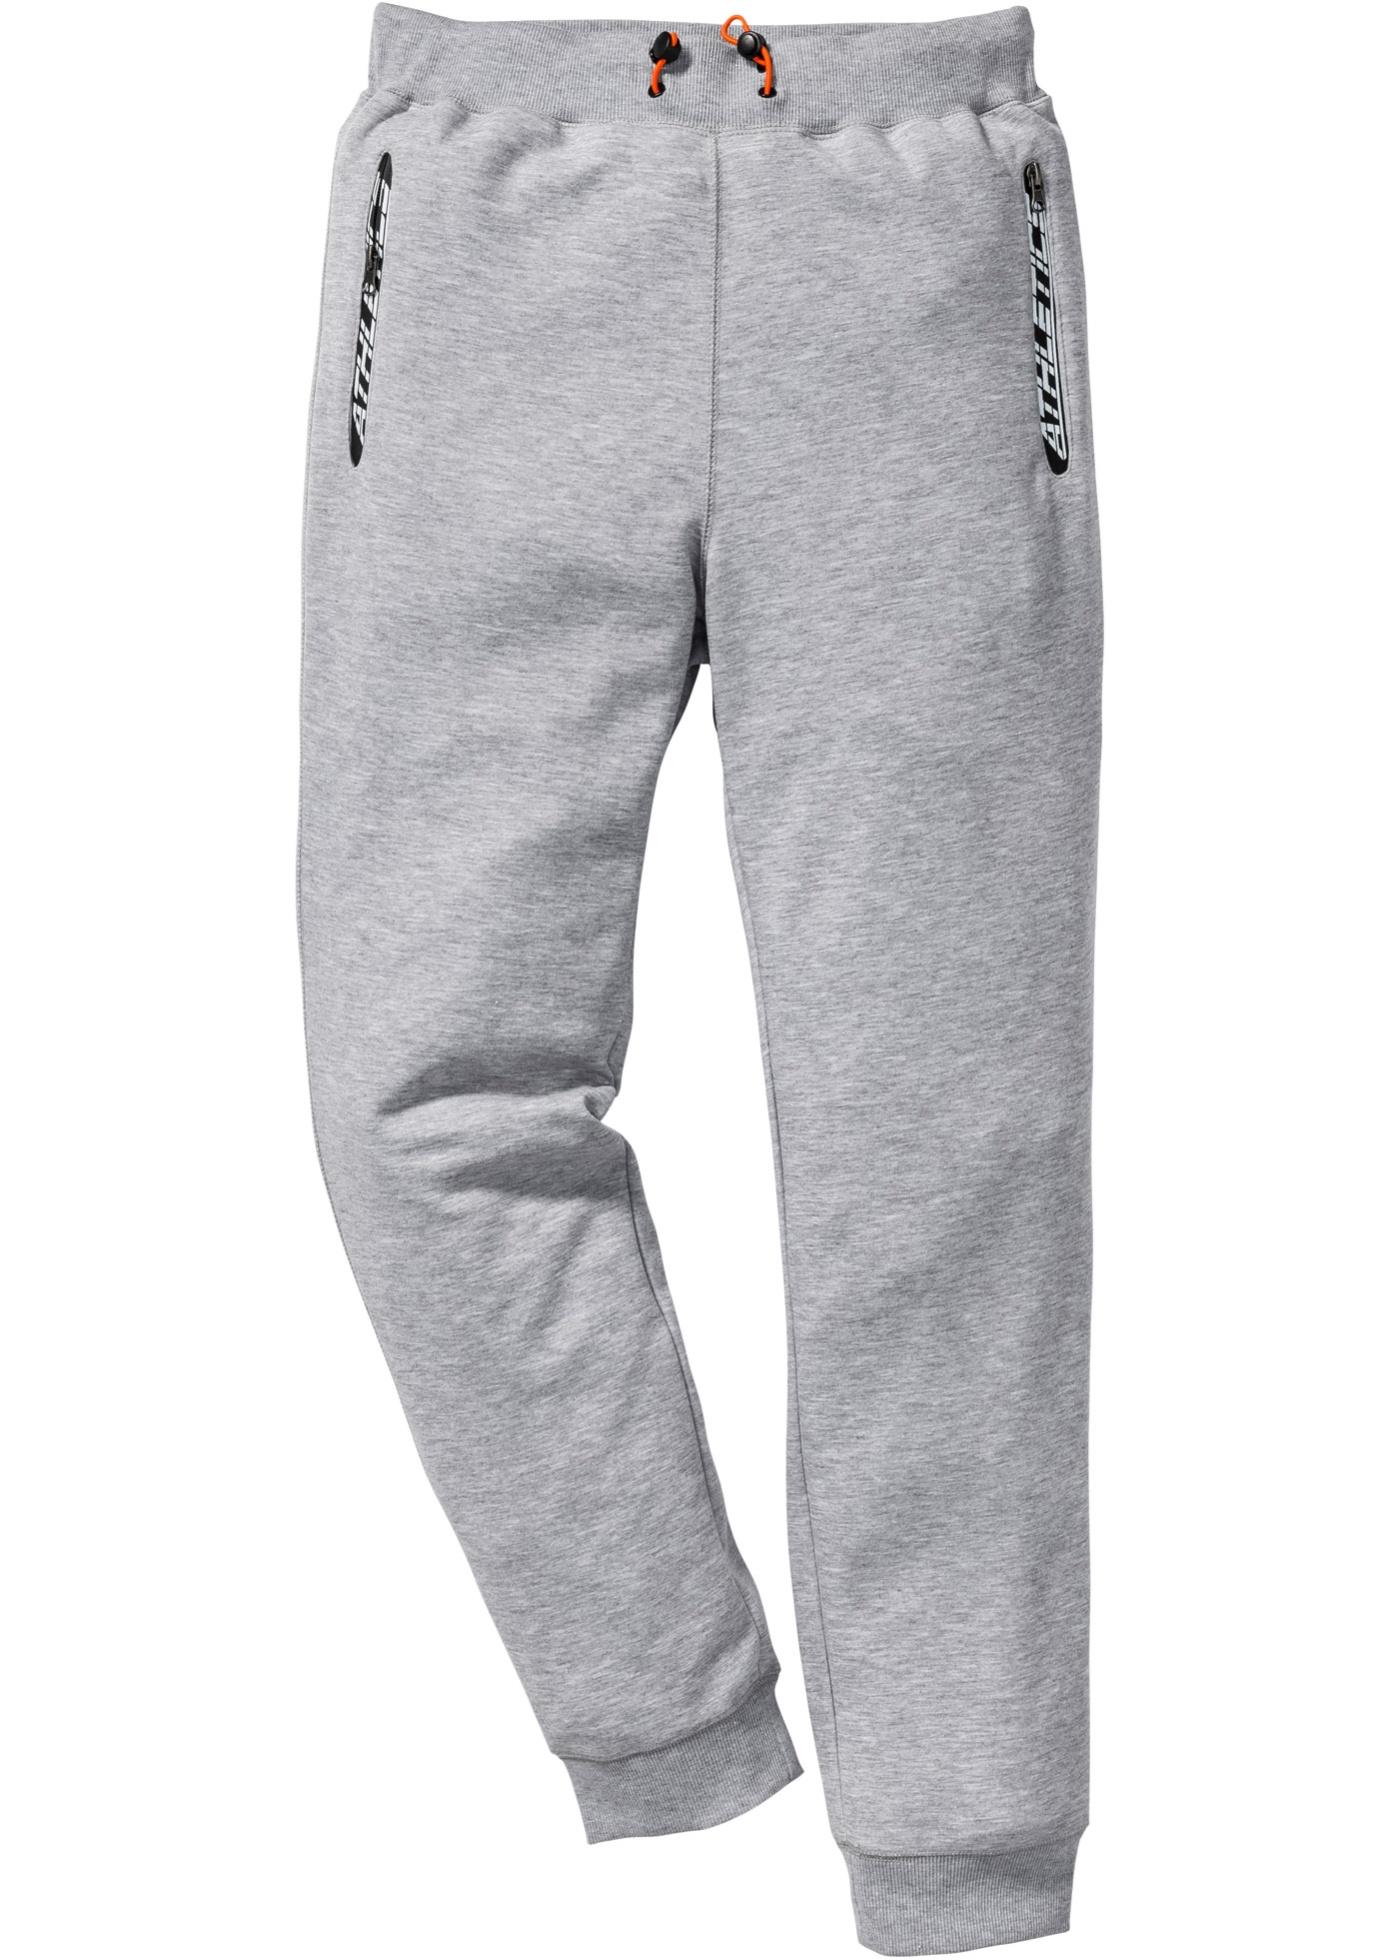 Pantalone funzionale da j